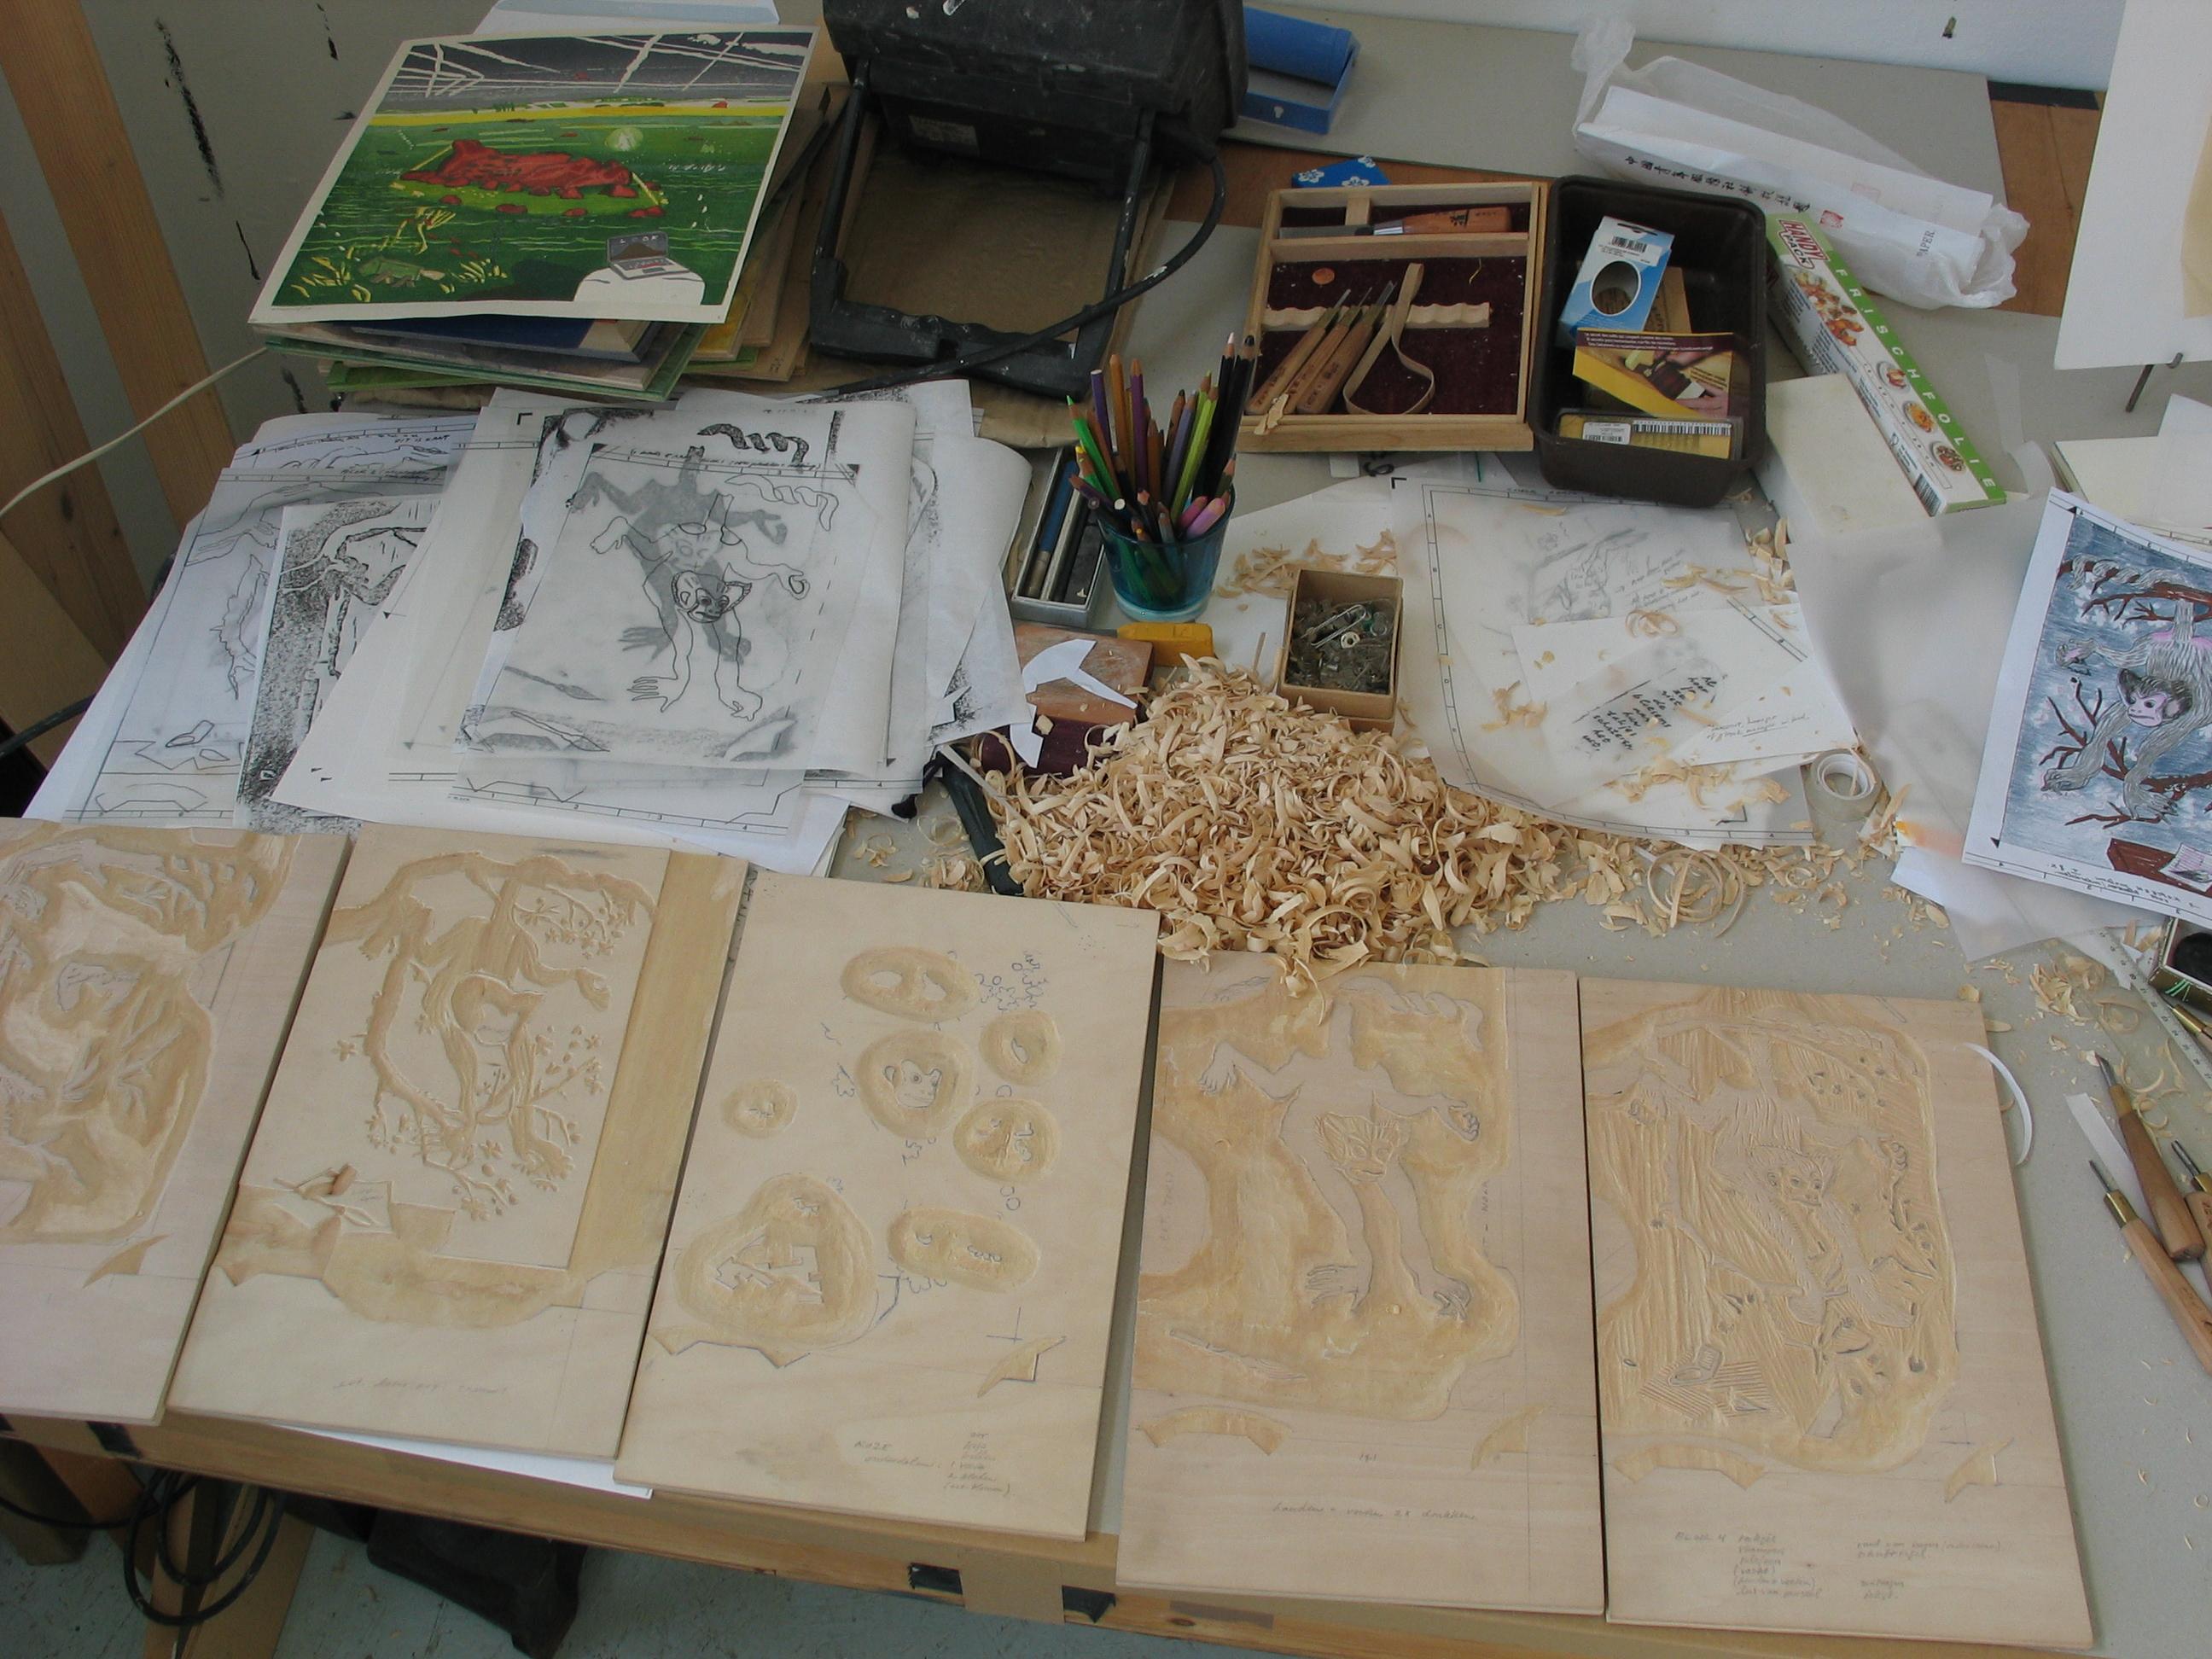 Houtsnede 'Joy' bestaat uit vijf blokken, het snijwerk is bijna gedaan, Atelier, oktober 2009